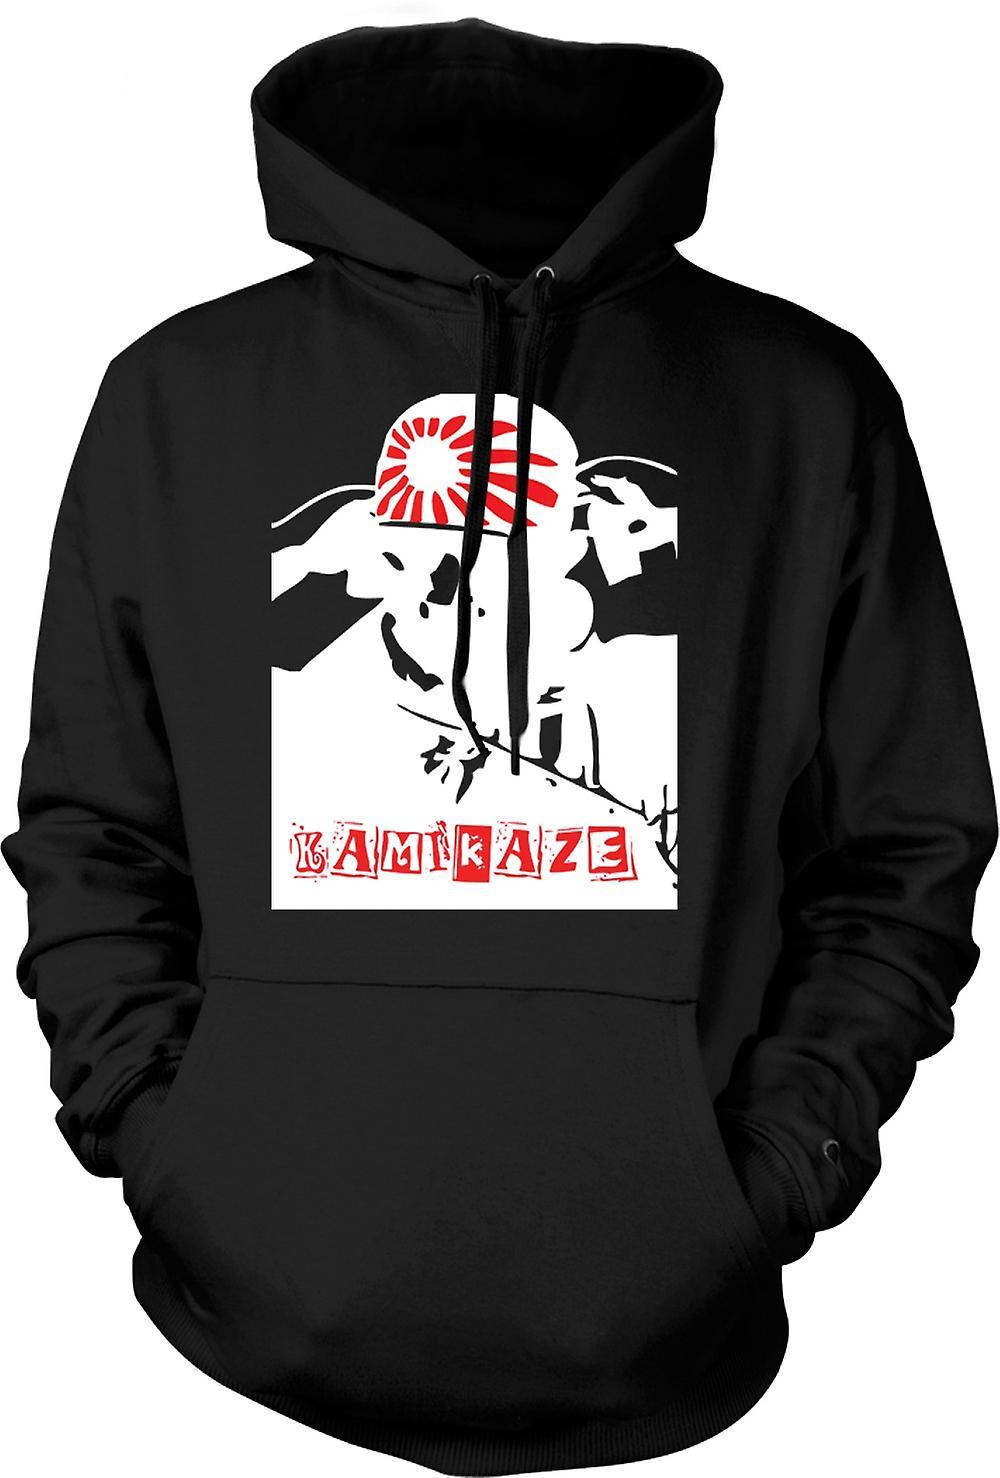 Kids Hoodie - Kamikaze Japanese - WW2 War